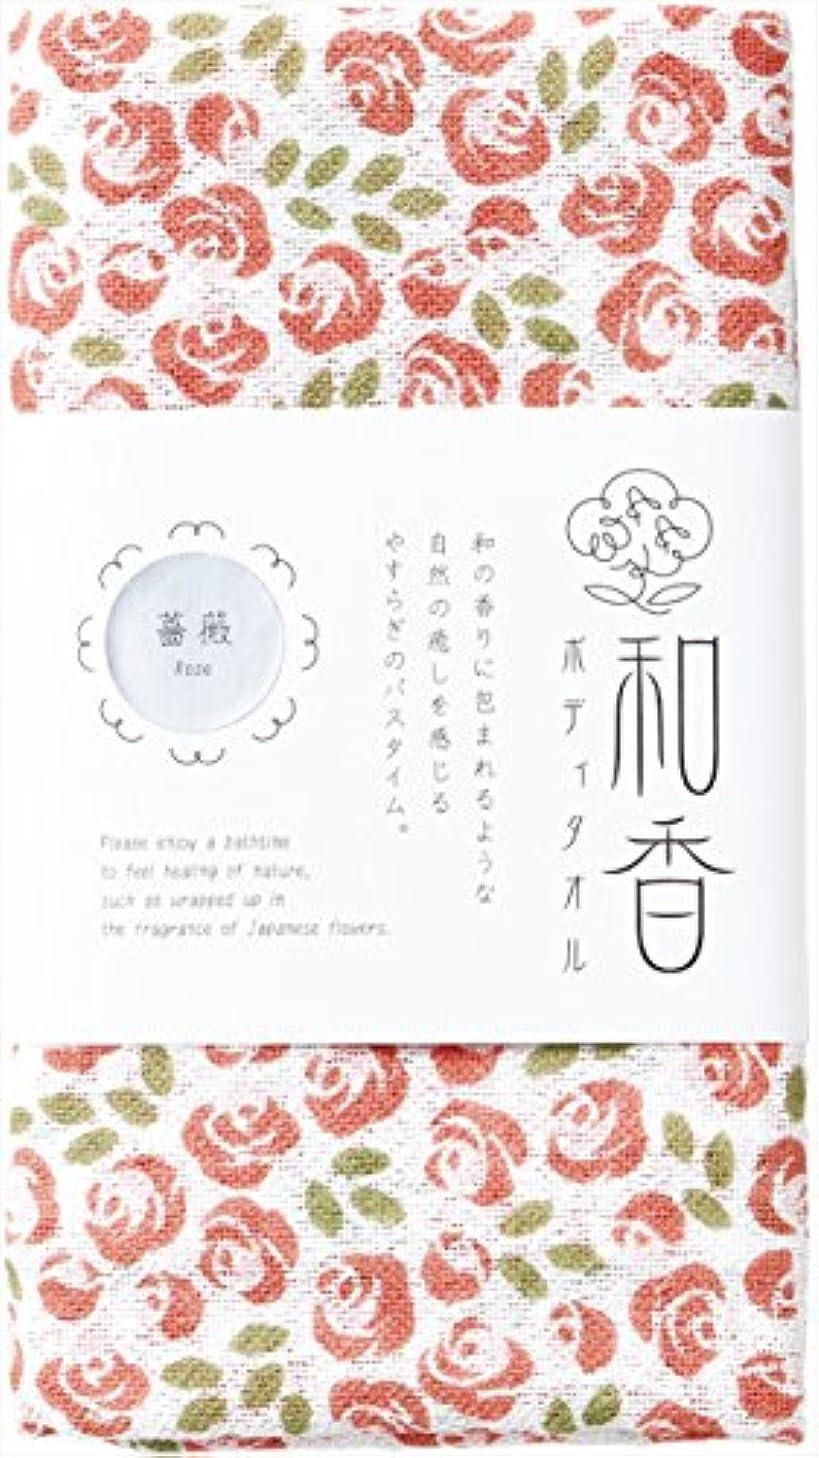 教室ちょうつがいアンペア宮本 ボディタオル 肌にやさしい天然素材コットン 『和香』 薔薇 0 32×90cm